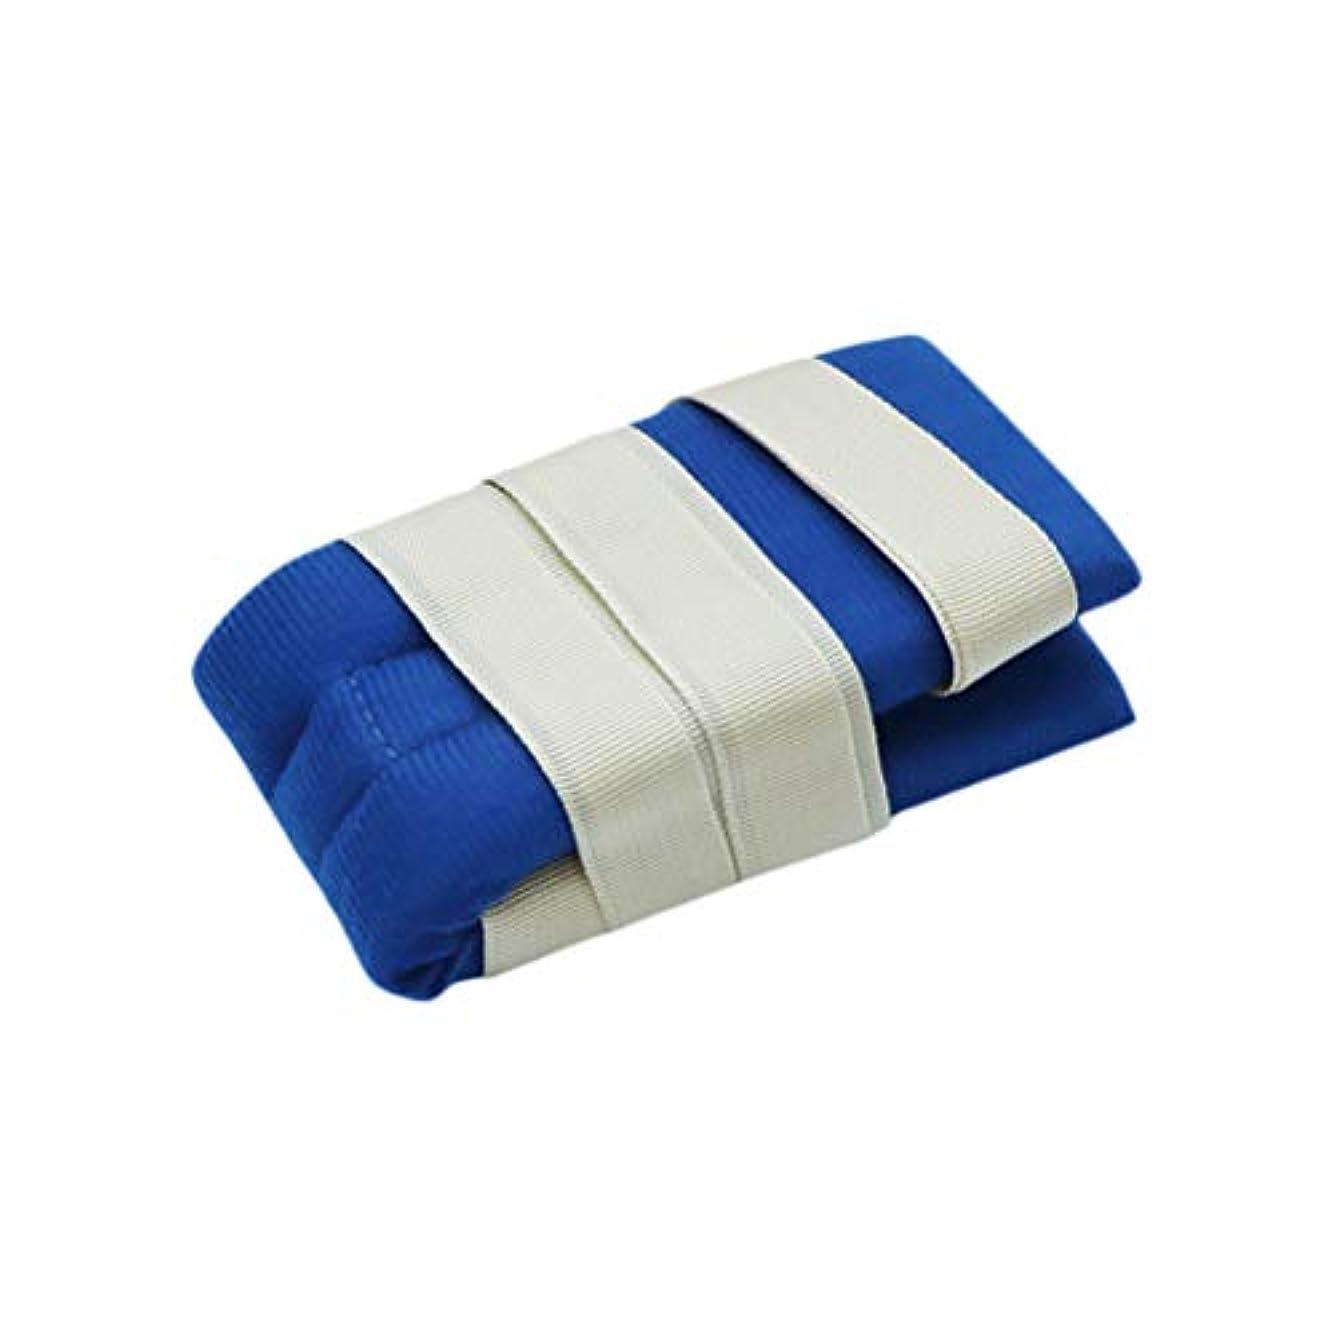 後方保持するかご手または足のための柔らかい医学の制限の革紐バンド病院用ベッドの肢のホールダー患者のための普遍的な抑制制御クイックリリースバンド